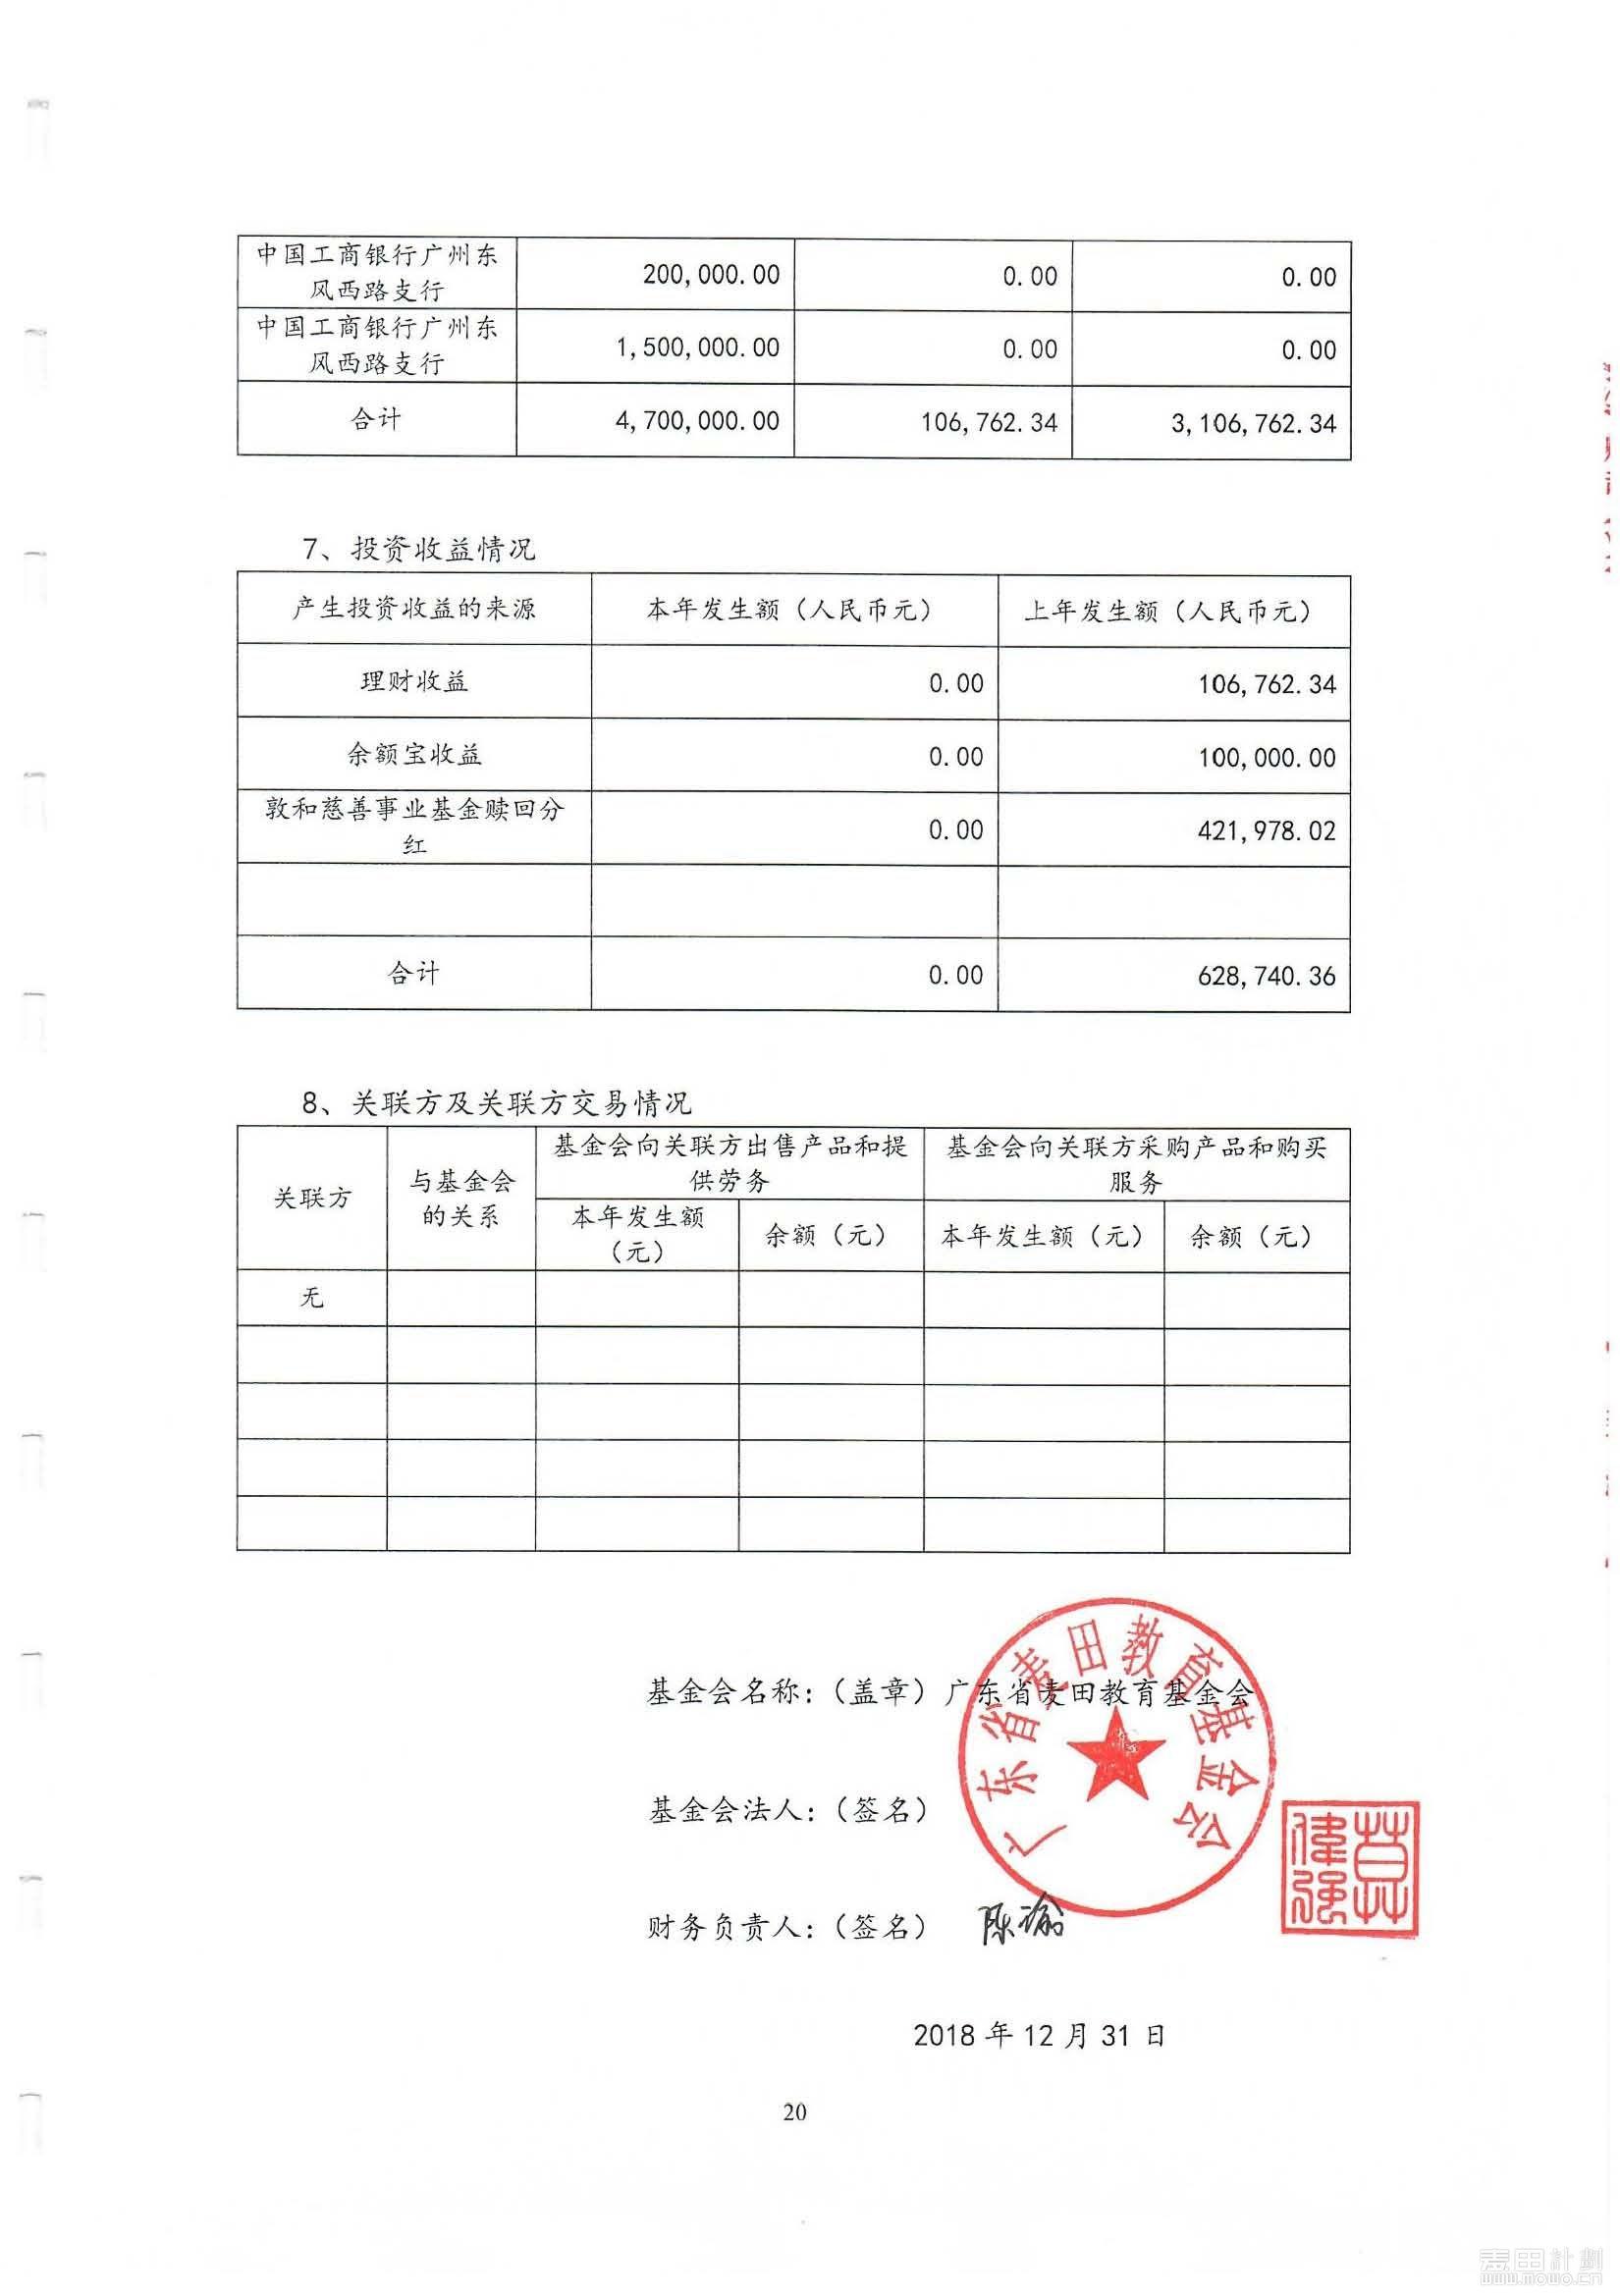 2018年麦田审计报告_页面_22.jpg